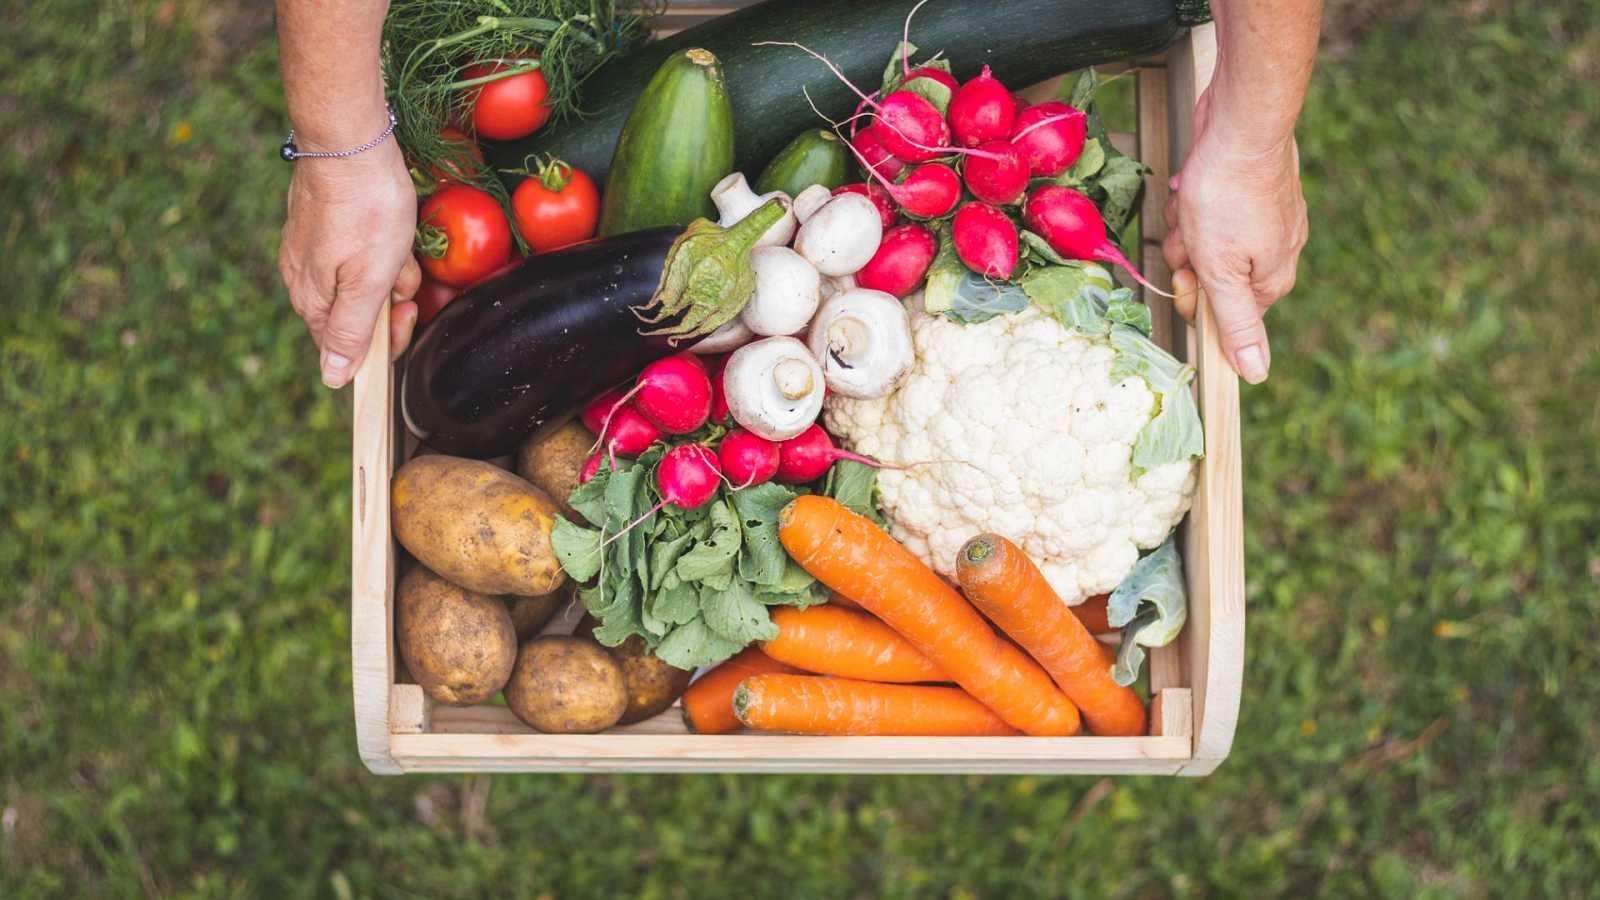 Alimento y salud - Condimentos y alimentación sostenible - 28/02/21 - Escuchar ahora